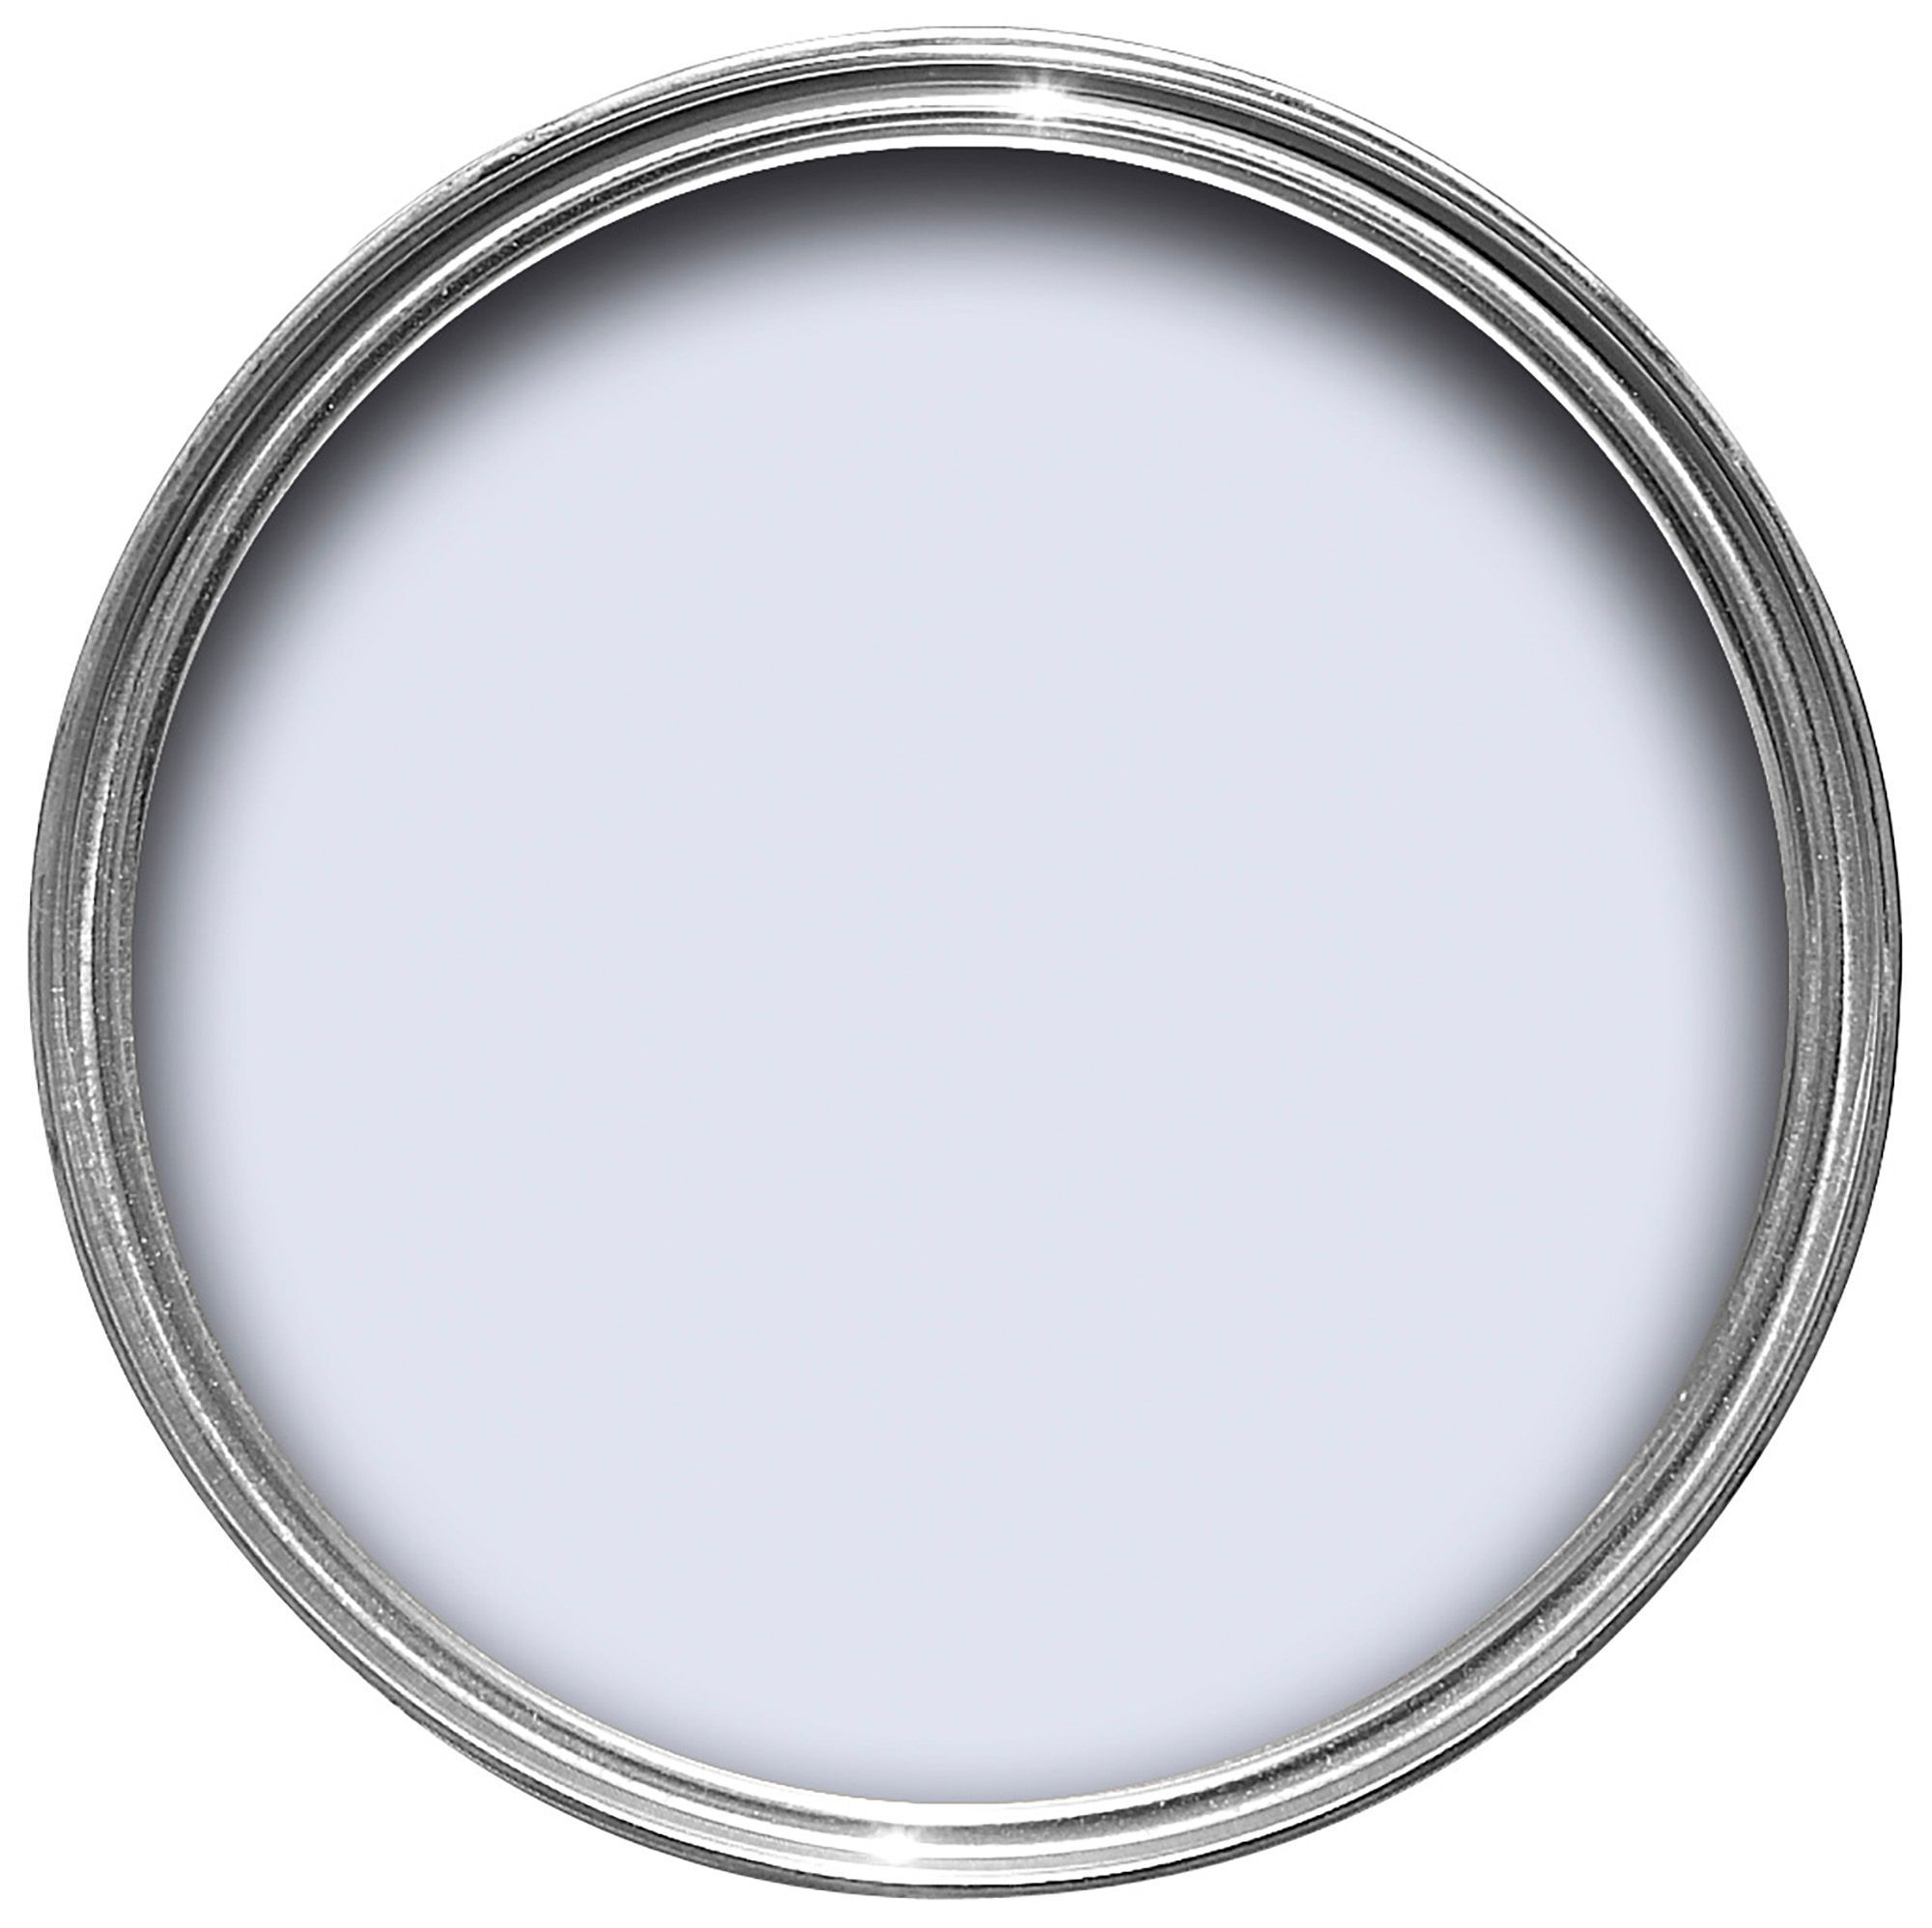 Dulux Light Amp Space Cotton Breeze Matt Emulsion Paint 50ml